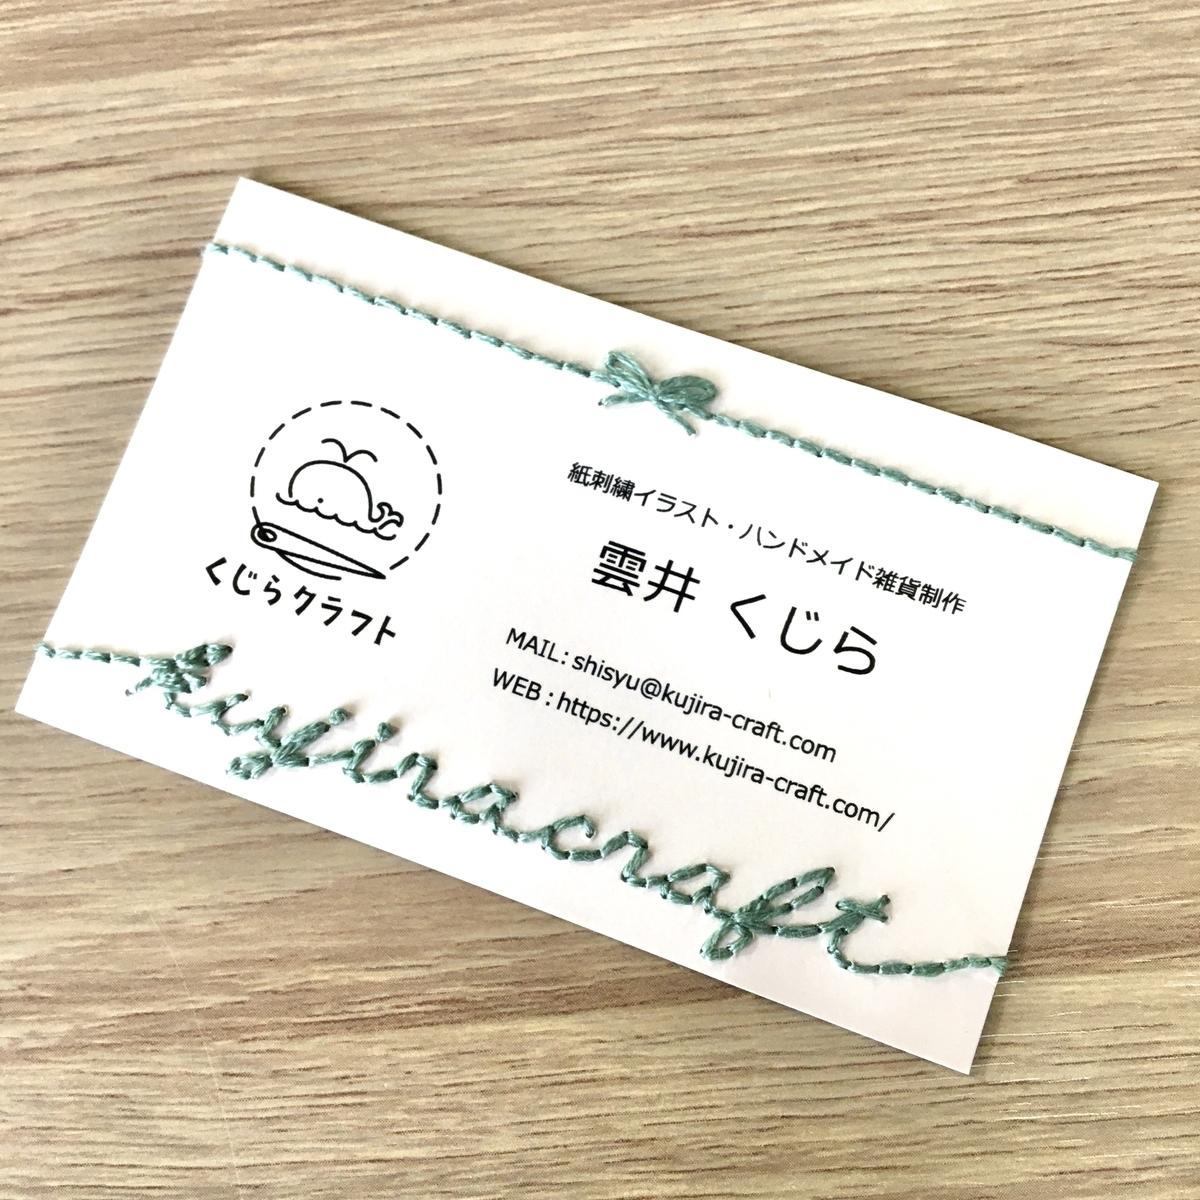 f:id:kumoi-kujira:20200324115131j:plain